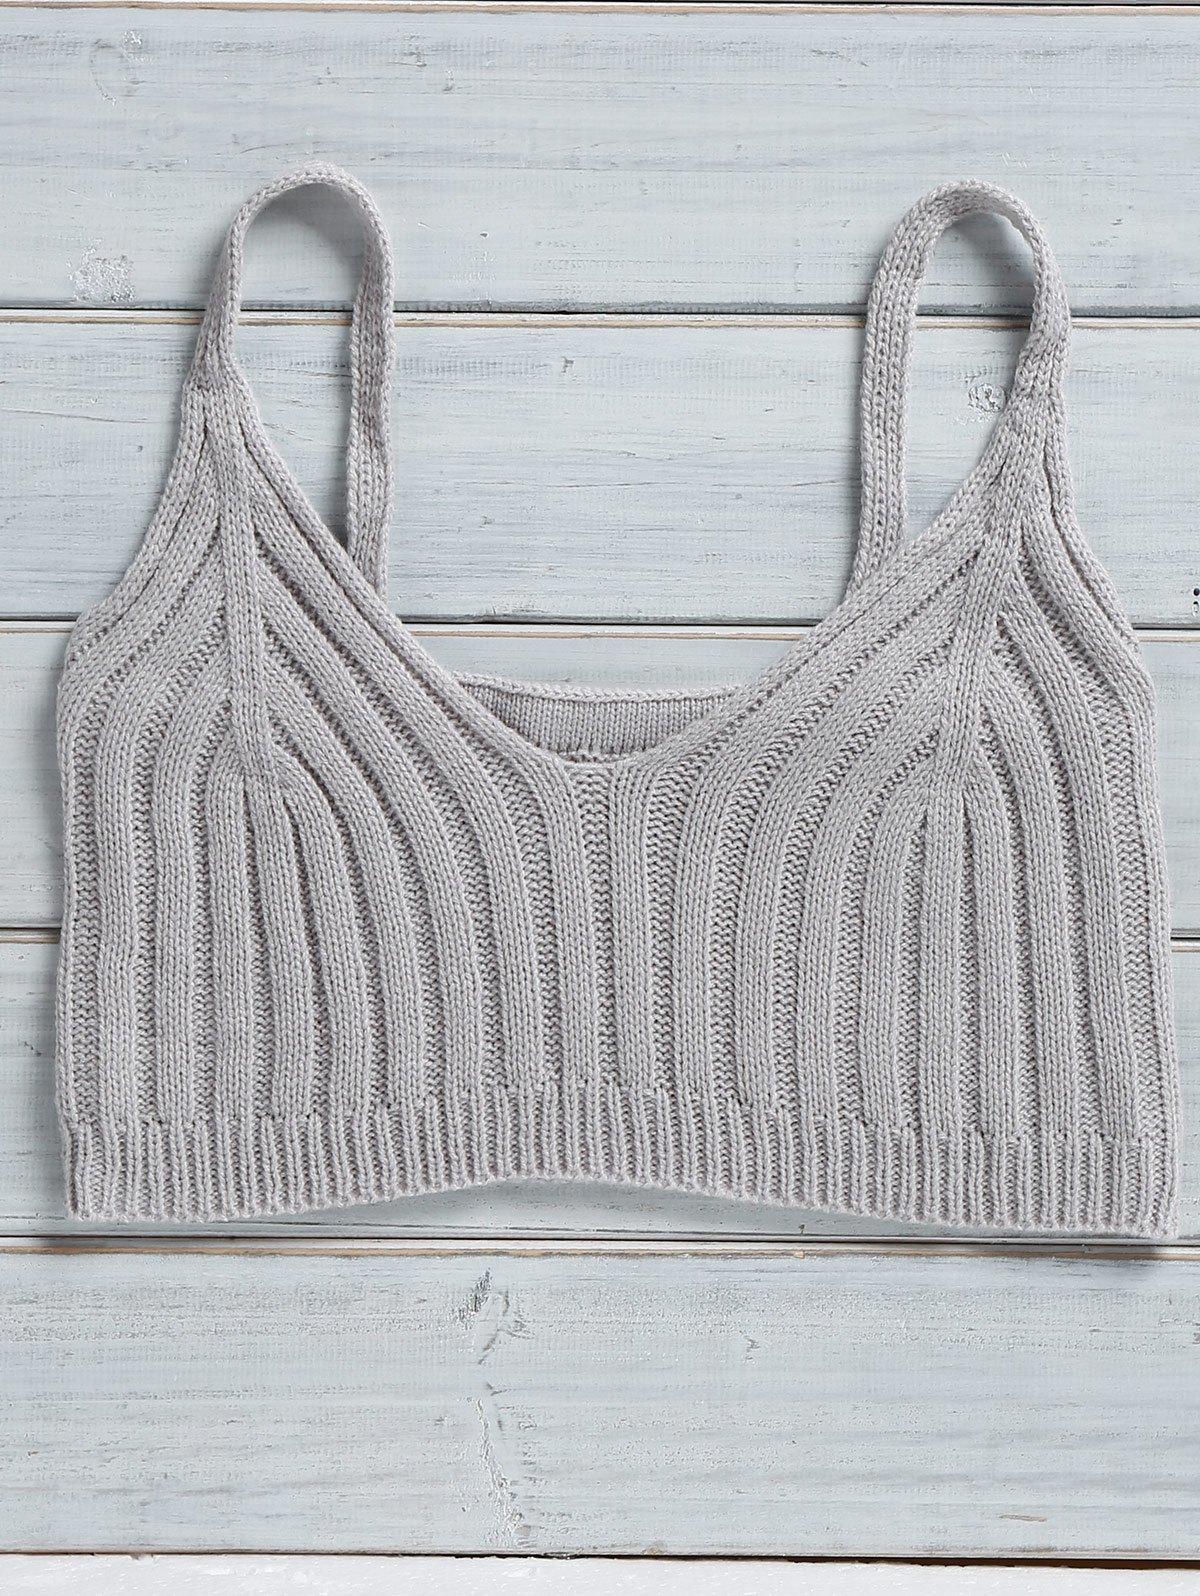 Cami Solid Color Knit Crop Top 176747406